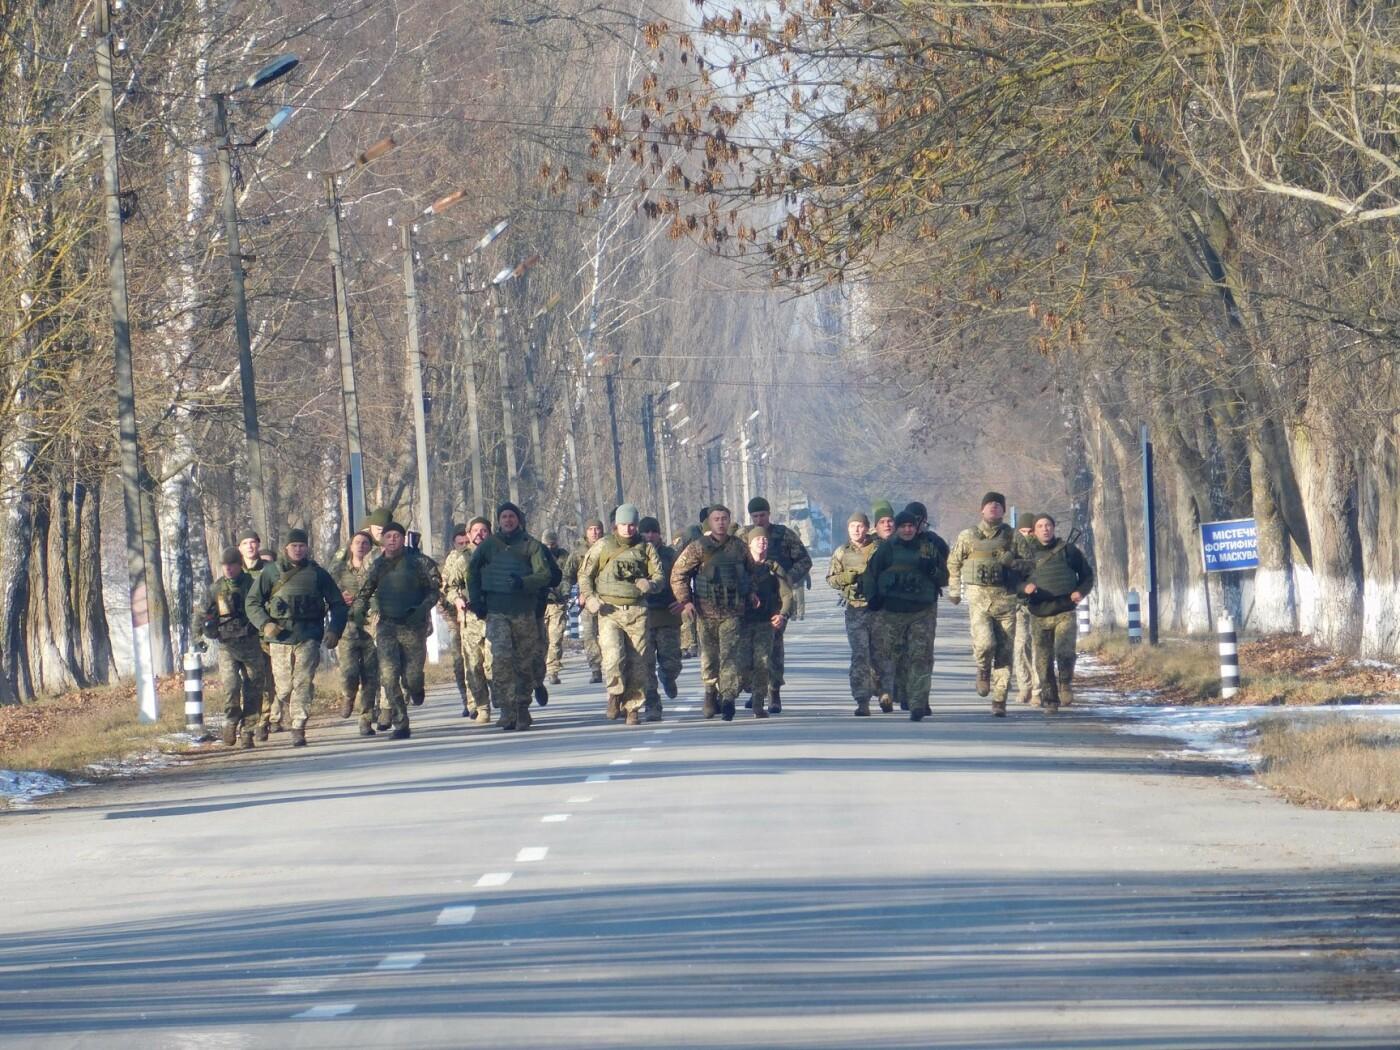 У Кам'янці відбувся 5-кілометровий марш-кидок зі штатною зброєю з нагоди річниці ЗСУ, фото-7, Фото: Центр розмінування